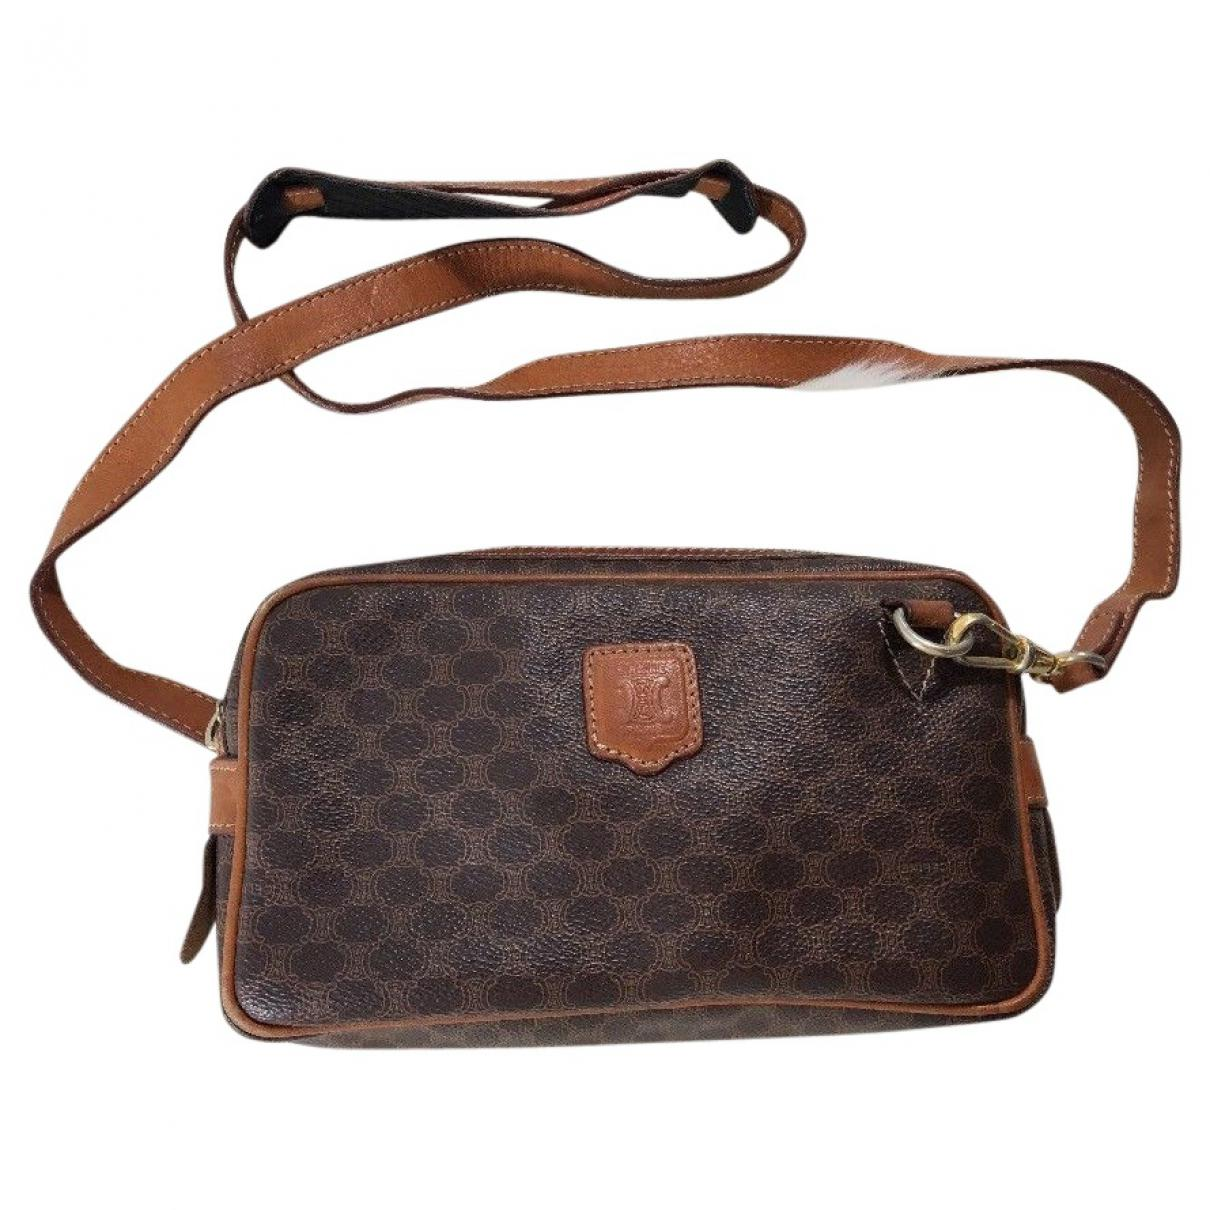 997fbcb841a9 Céline Cloth Crossbody Bag in Brown - Lyst